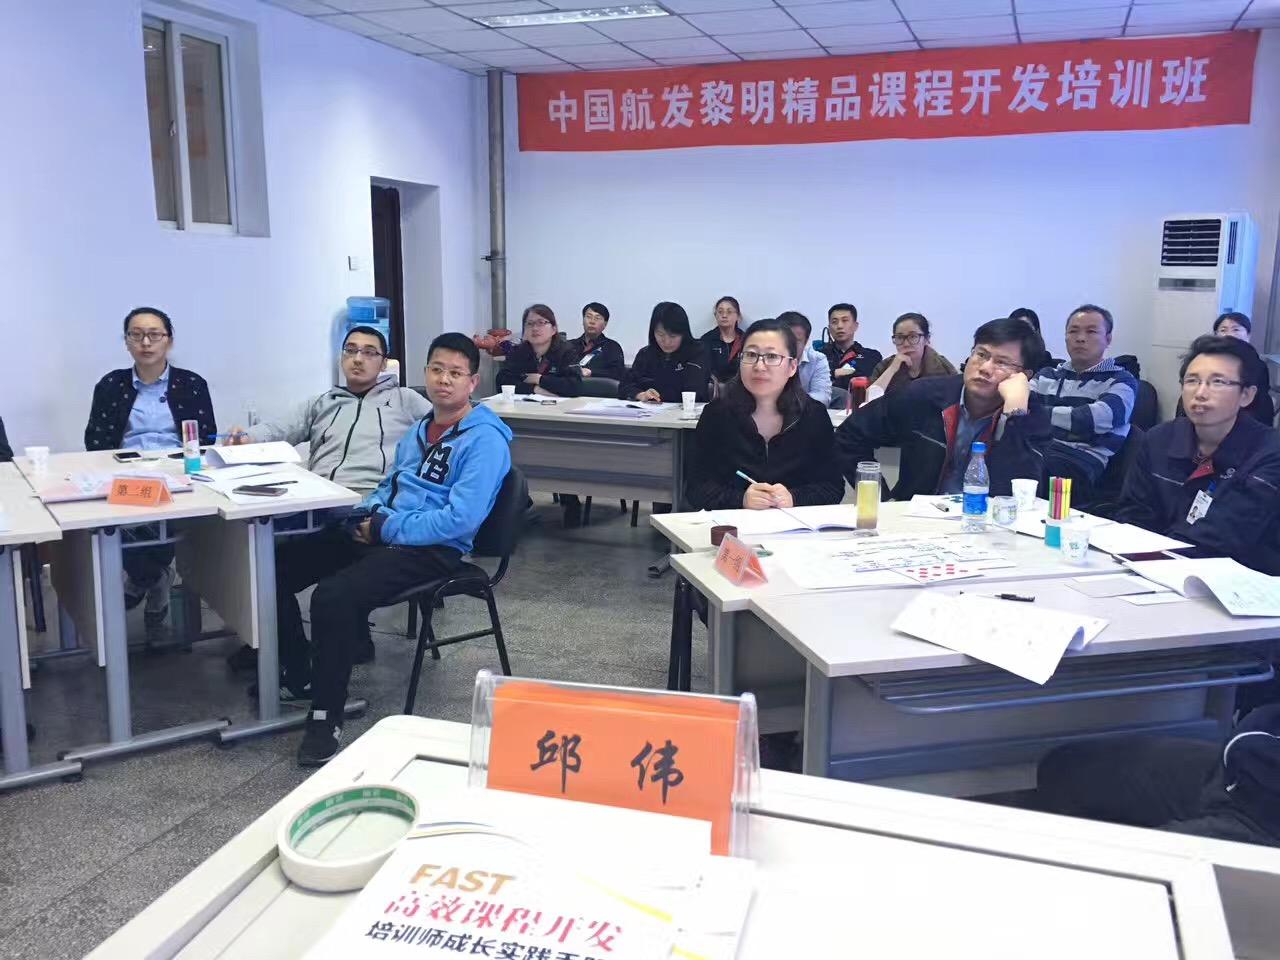 中国航发黎明《FAST高效课程开发》 培训师邱伟